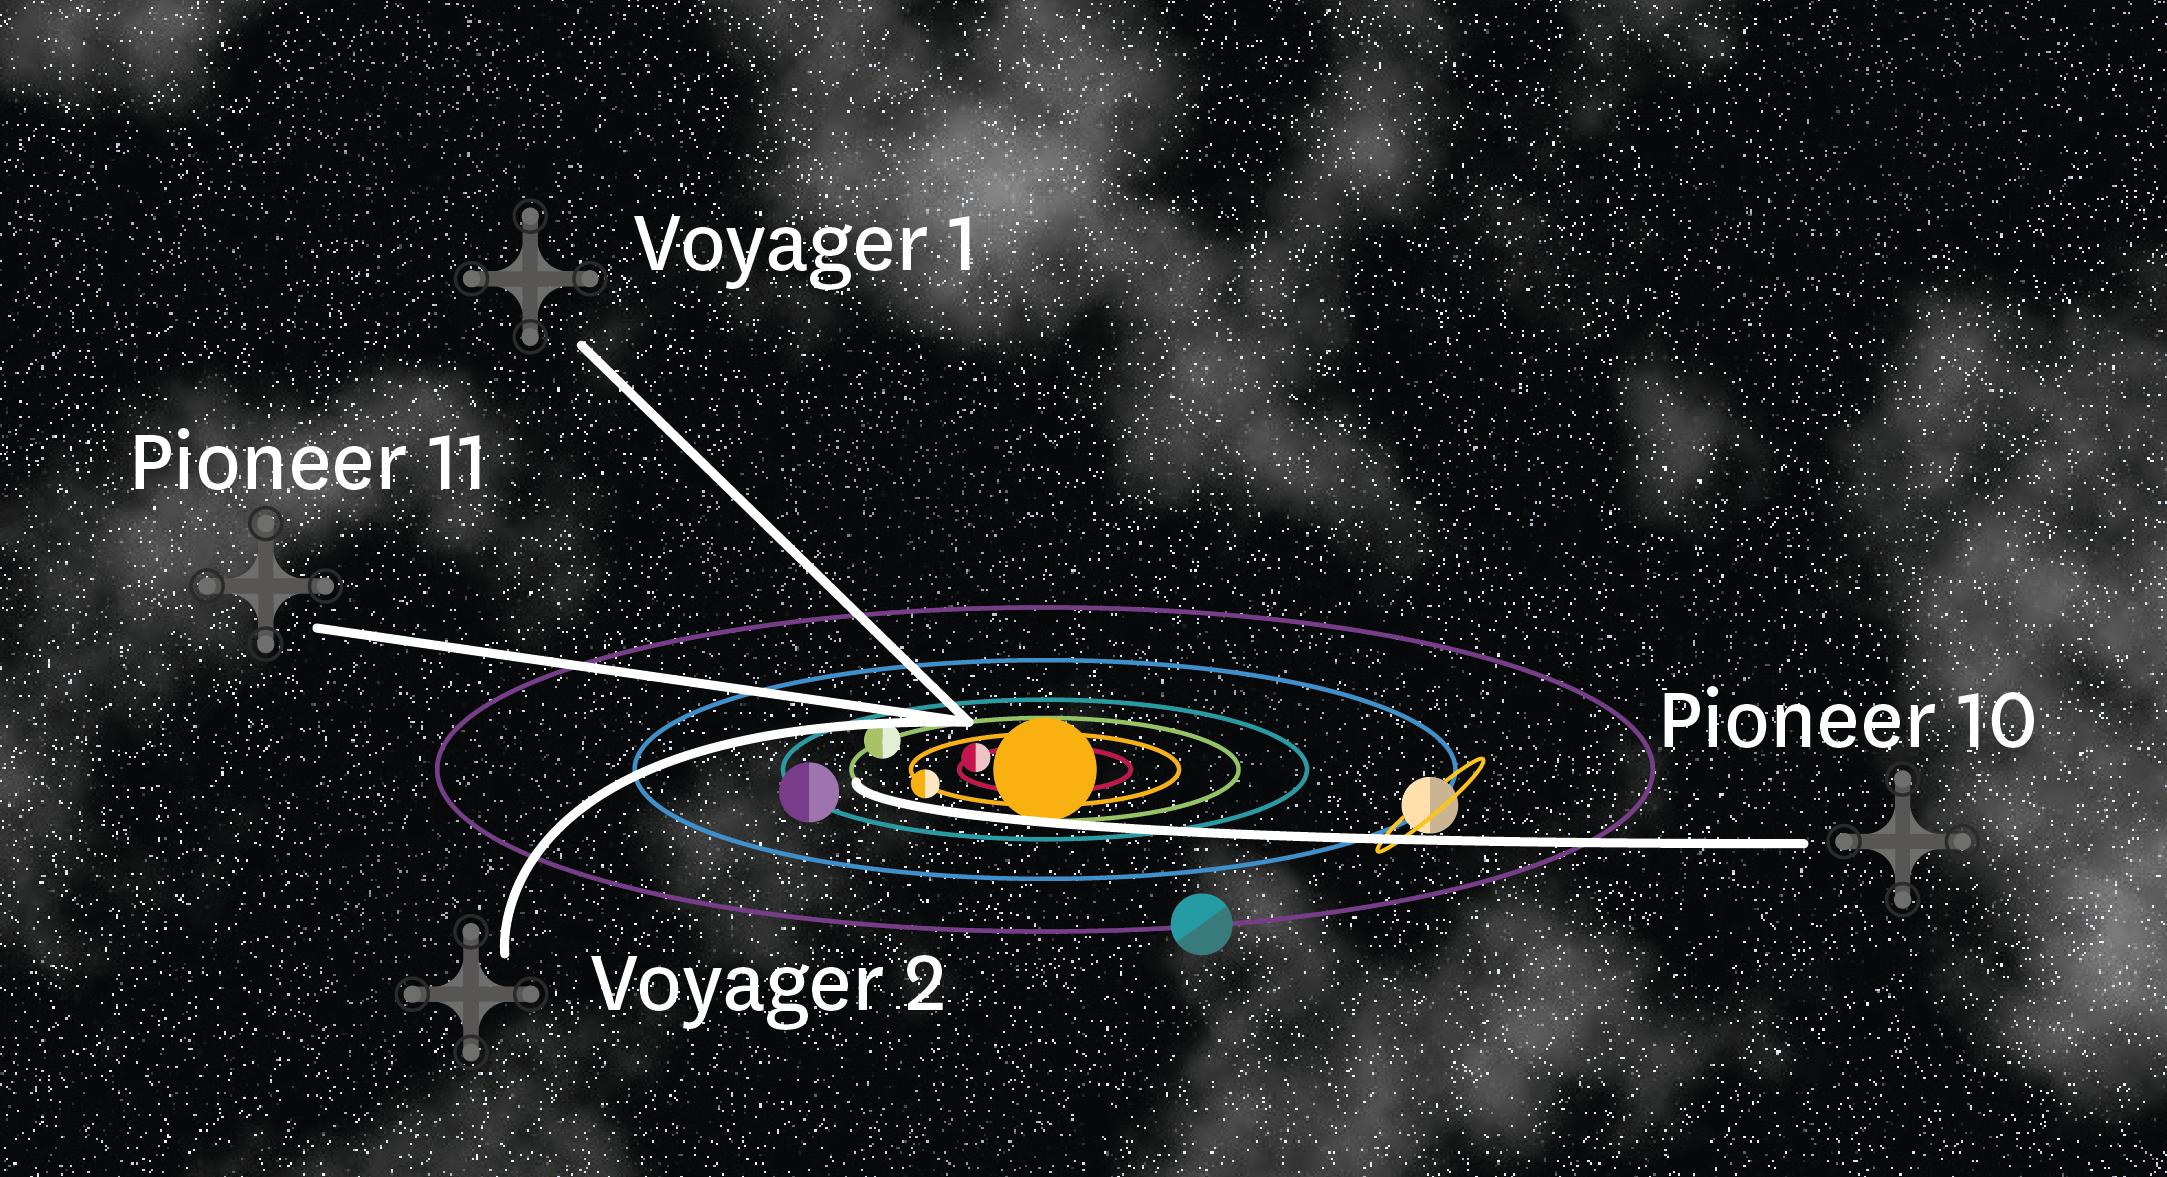 Les sondes Voyager 1 et 2.